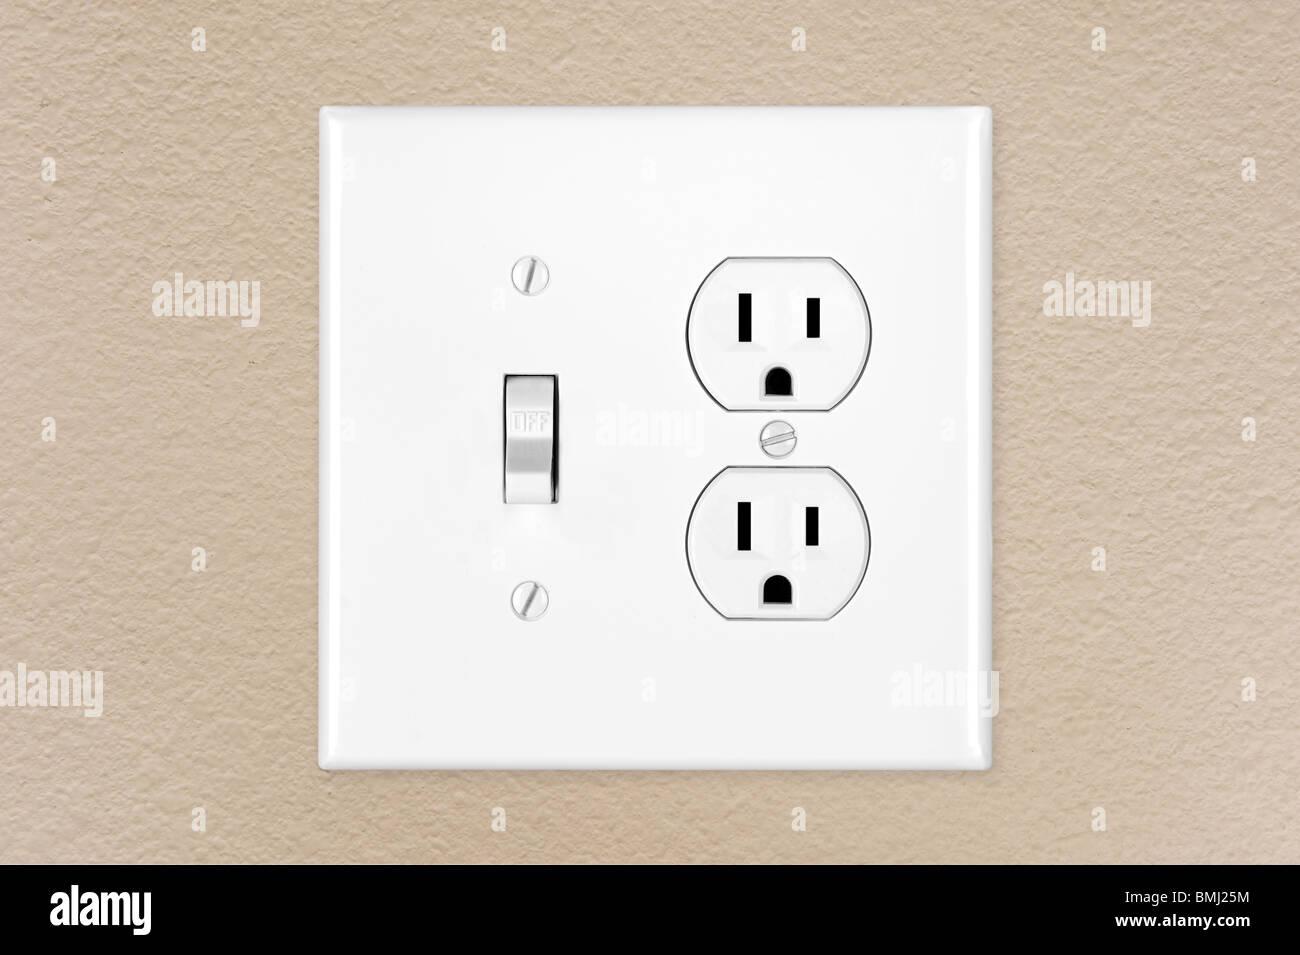 Tolle Wie Man Einen Lichtschalter Umverdrahtet Bilder - Elektrische ...